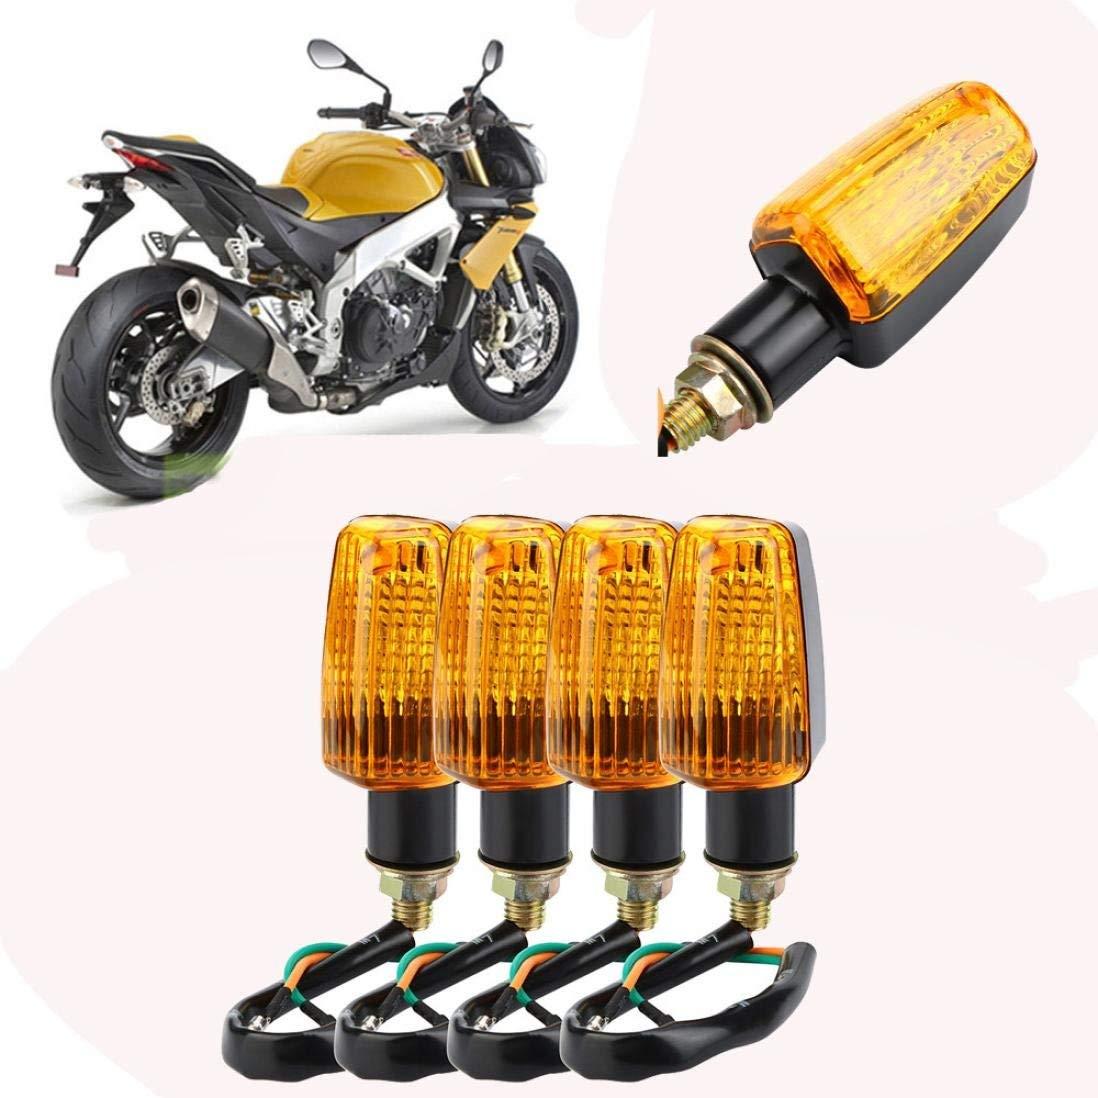 Quaant Car LED Light,4 X Universal Motorbike Motorcycle Turn Signal Indicators Turning Lights Orange Halogen Newest 12V Bright Motorcycle Signal Lamp (Orange)